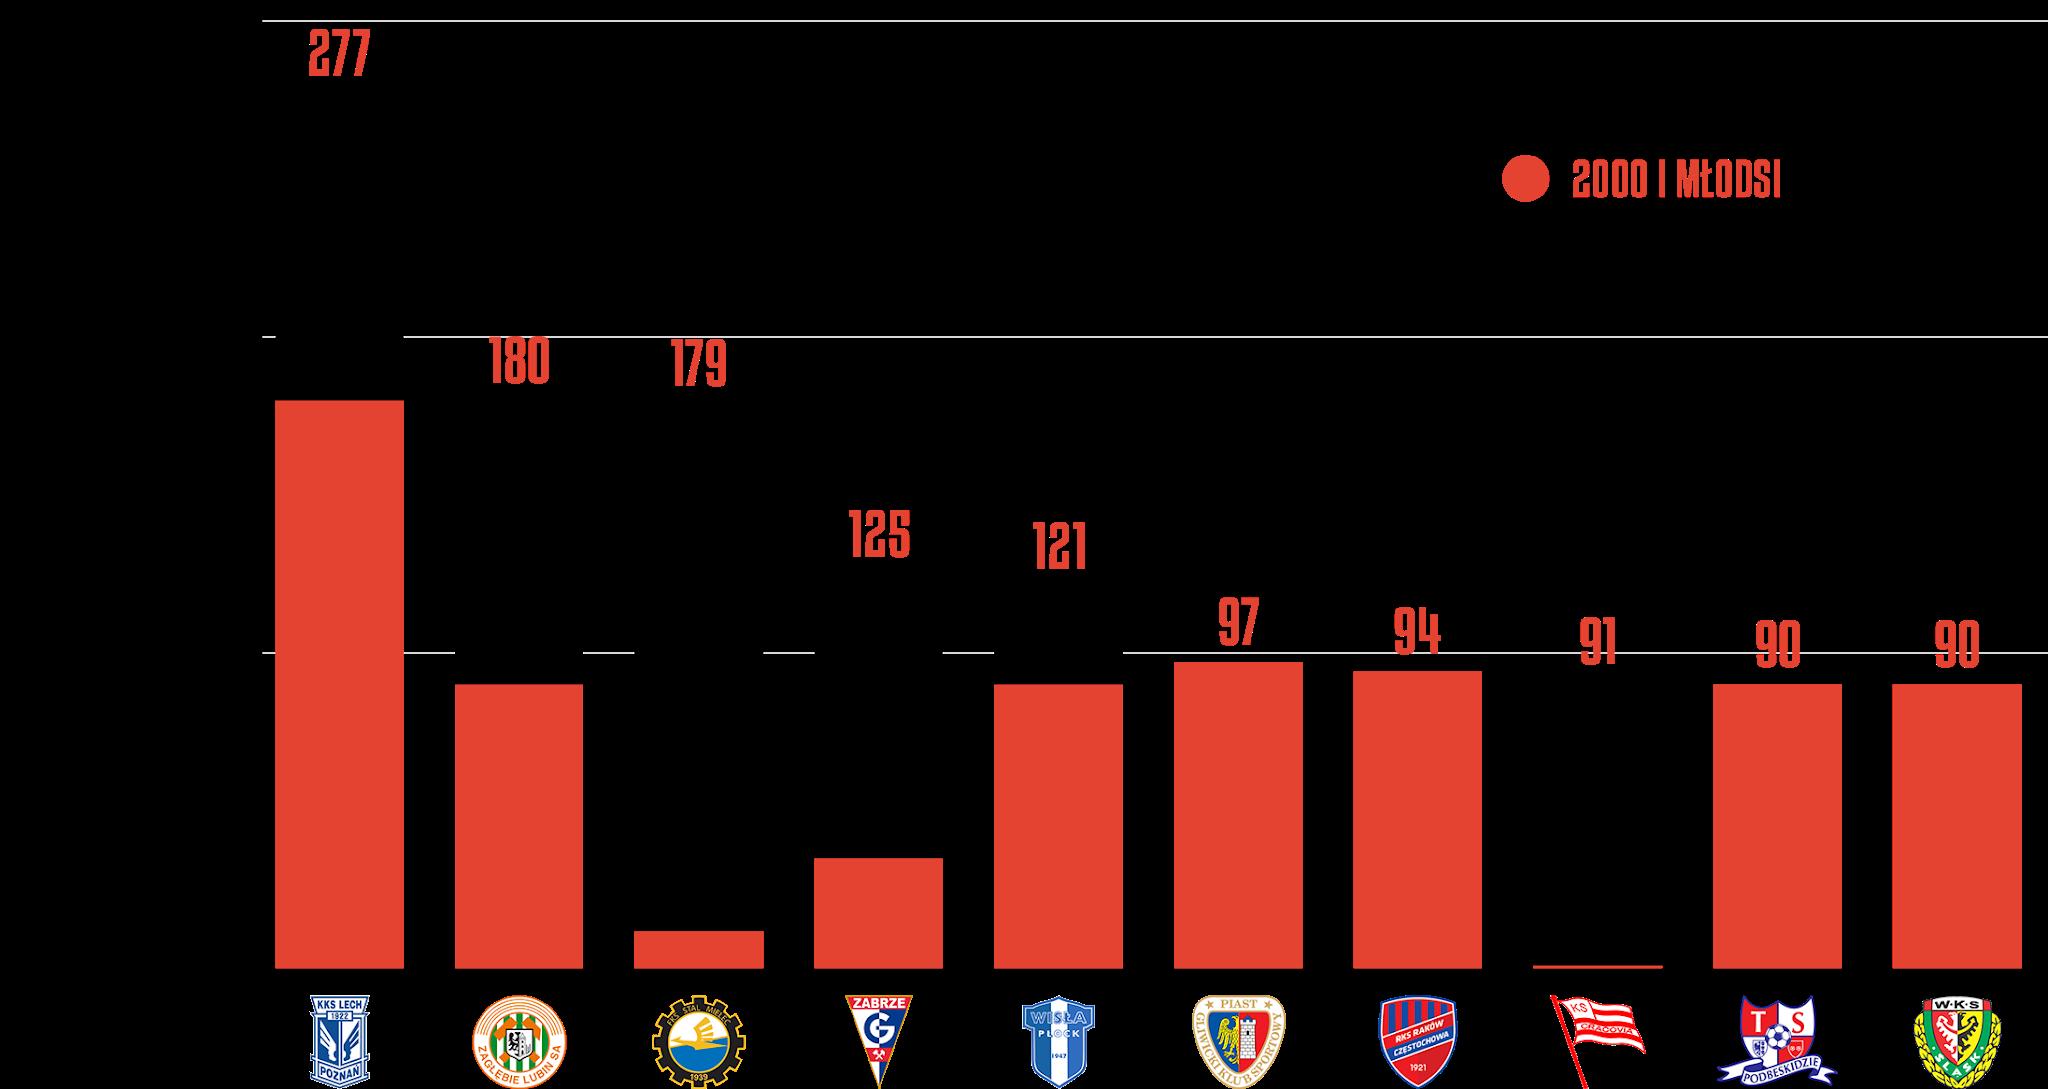 Klasyfikacja klubów pod względem rozegranego czasu przez młodzieżowców w6.kolejce PKO Ekstraklasy<br><br>Źródło: Opracowanie własne na podstawie ekstrastats.pl<br><br>graf. Bartosz Urban